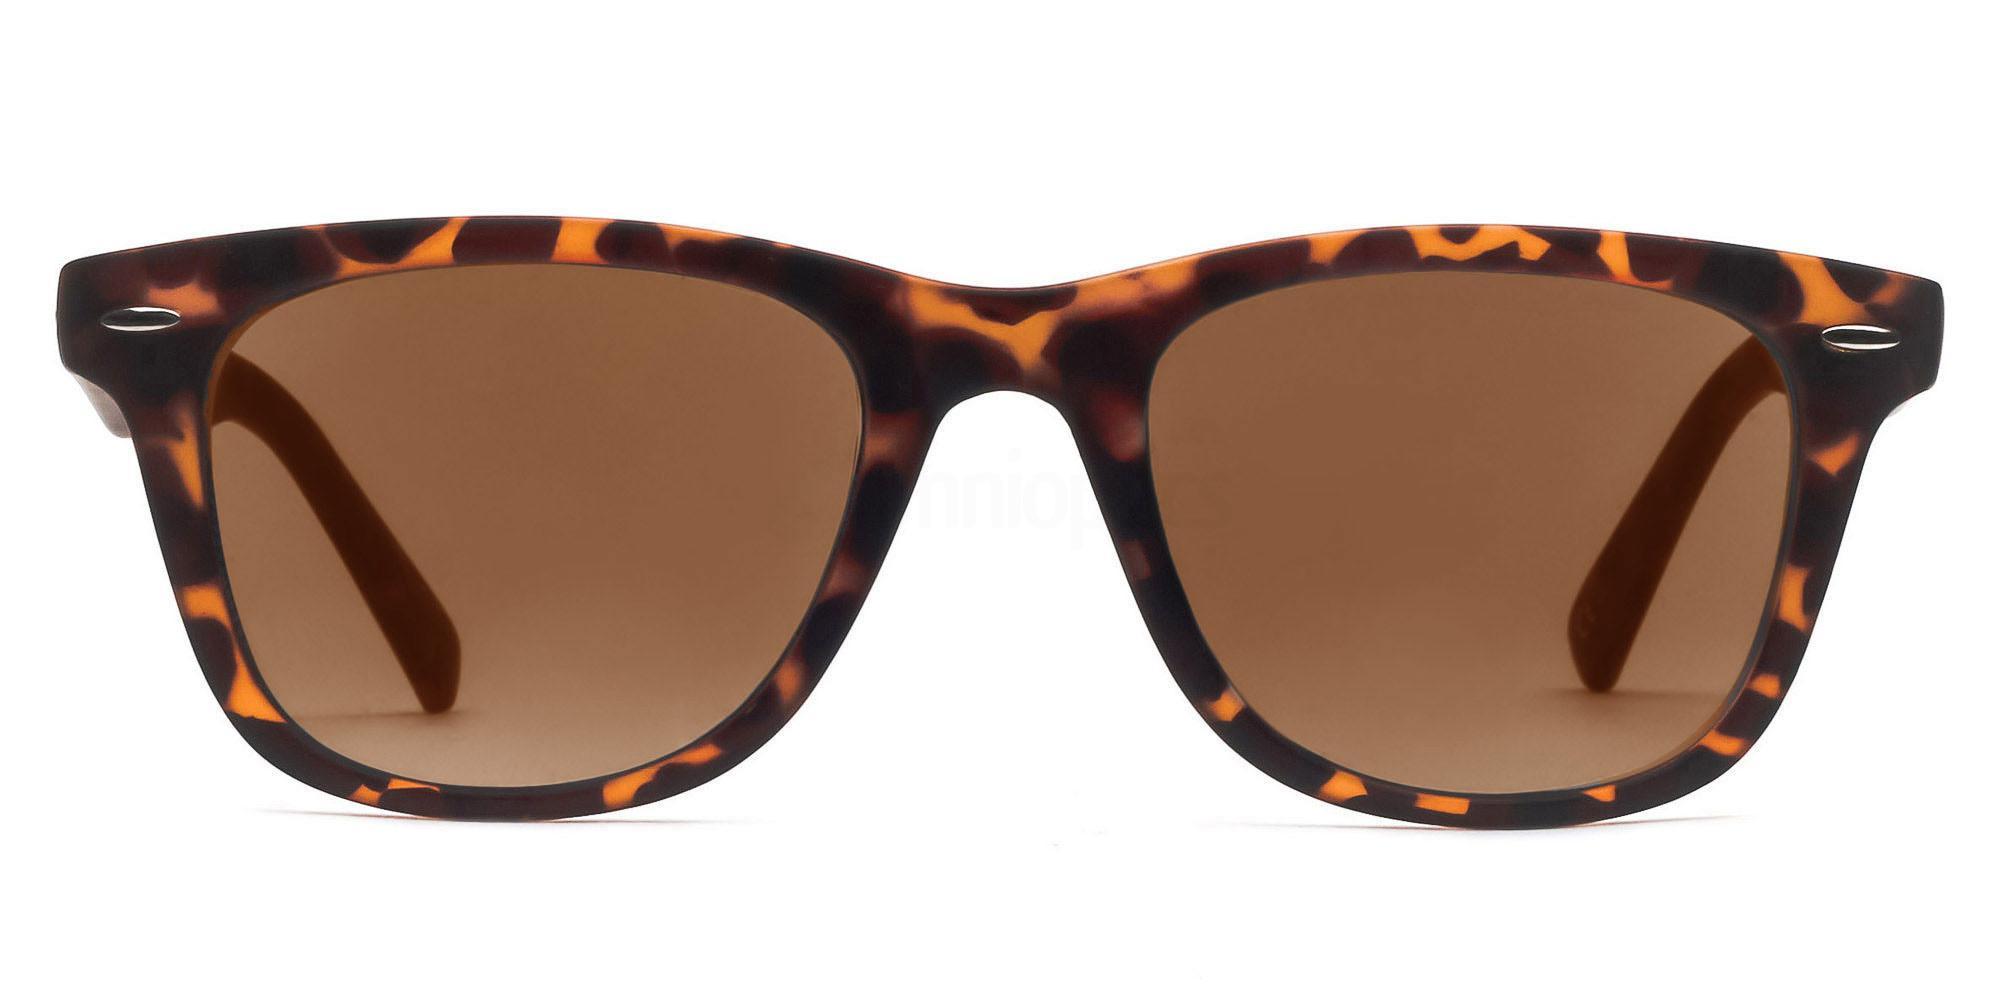 C9 8121 - Tortoise (Sunglasses) , Savannah